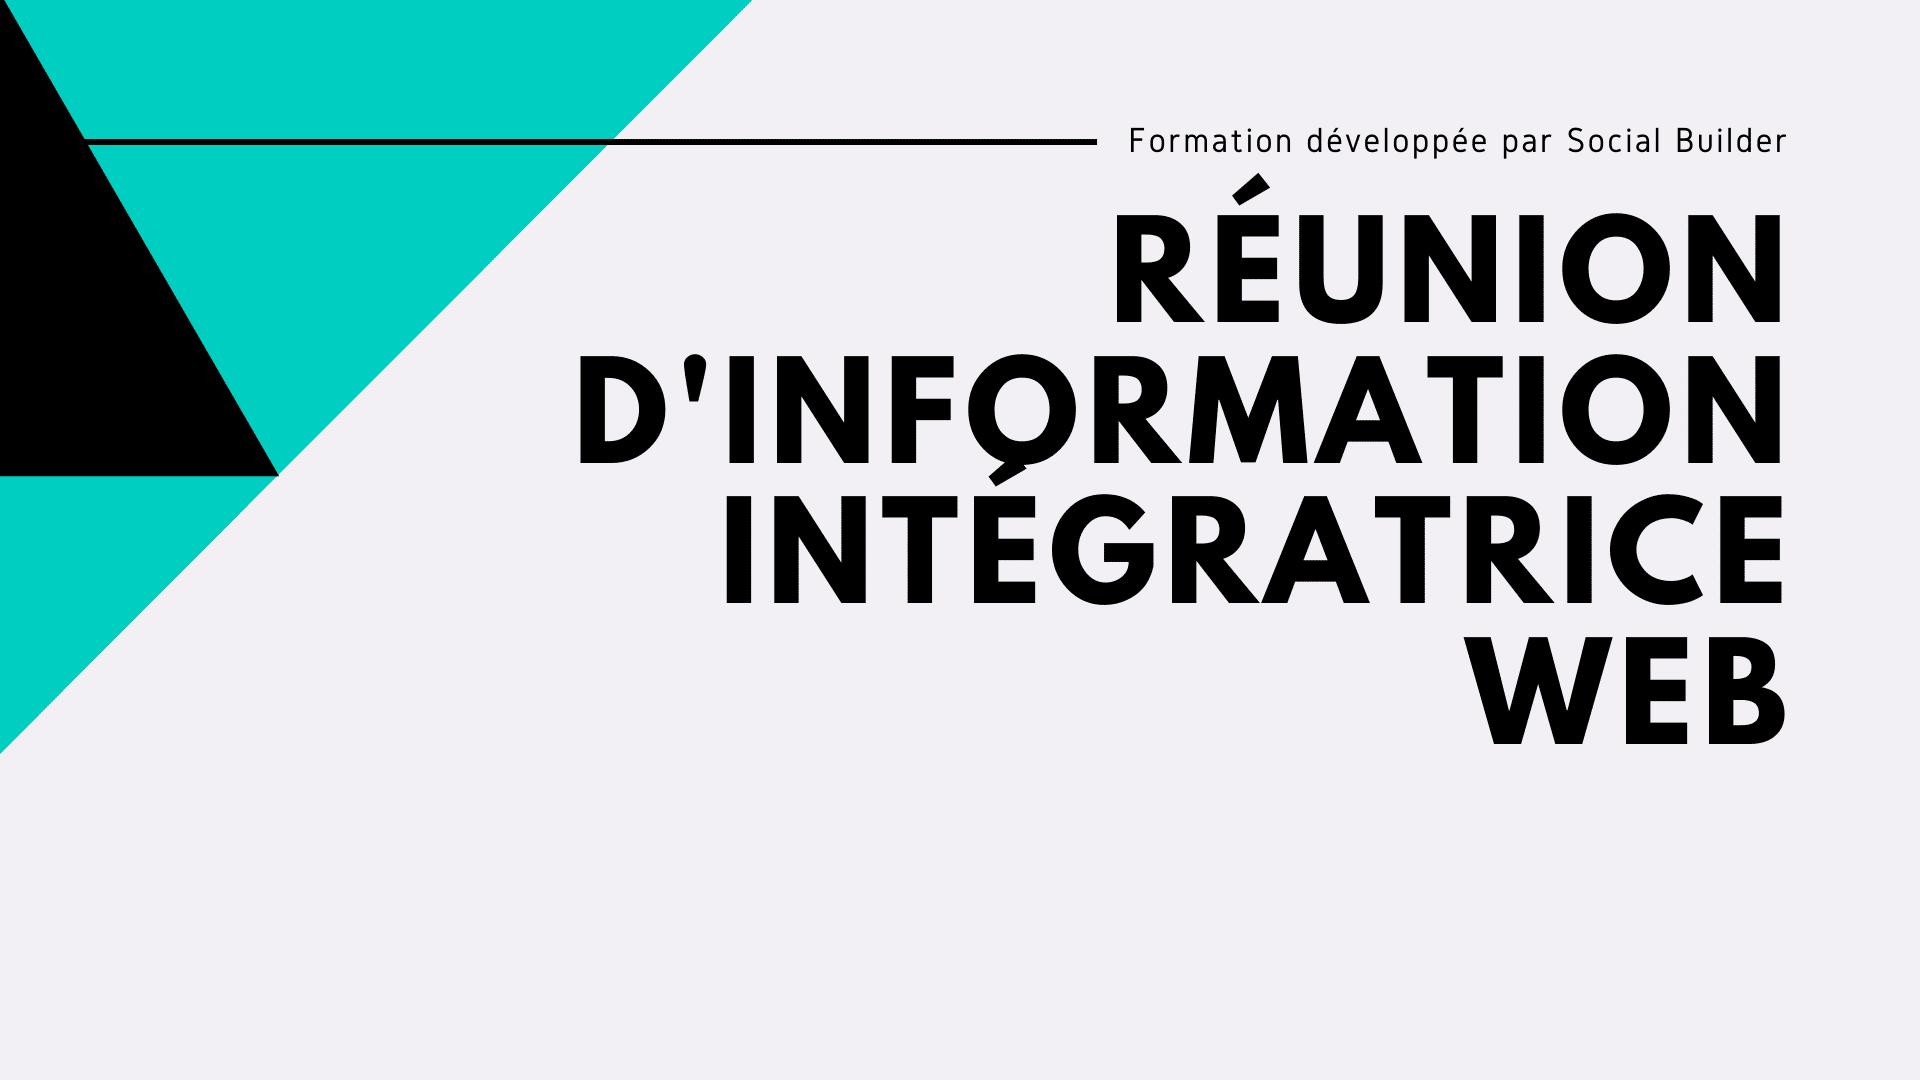 Réunion d'information métier Intégratrice Web formation Social Builder